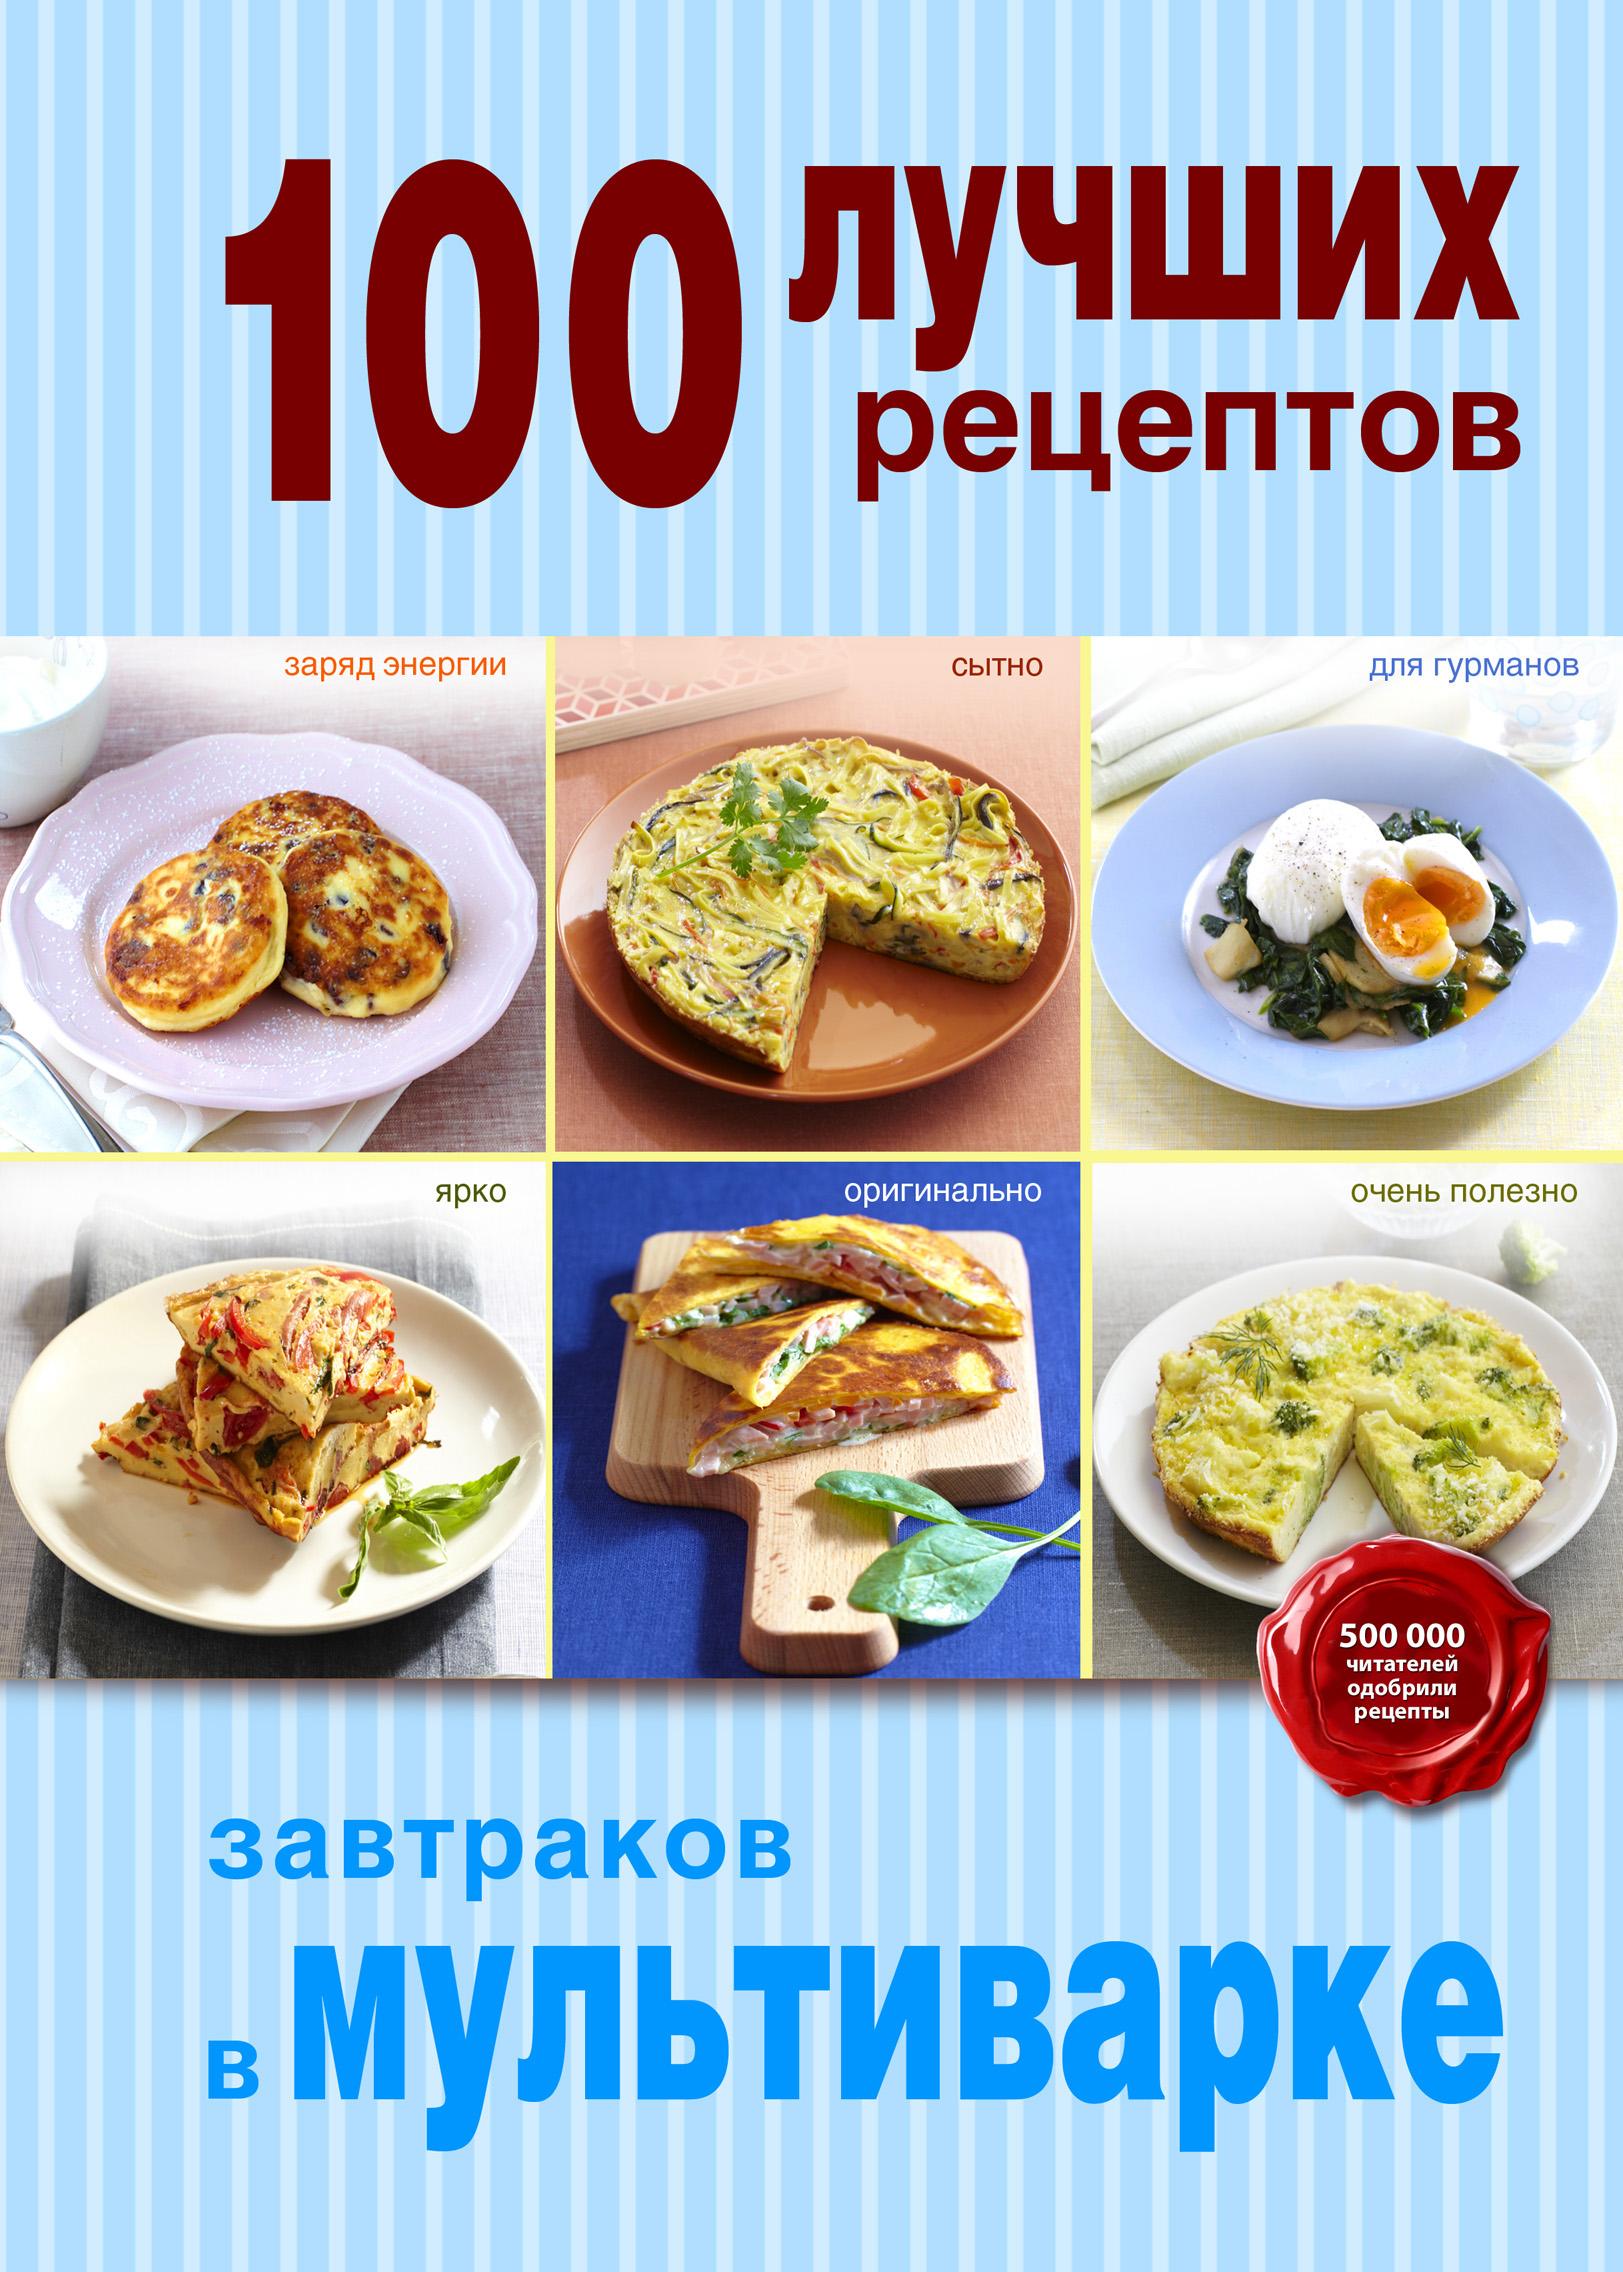 100 лучших рецептов завтраков в мультиварке самойлов а а ред завтрак это просто